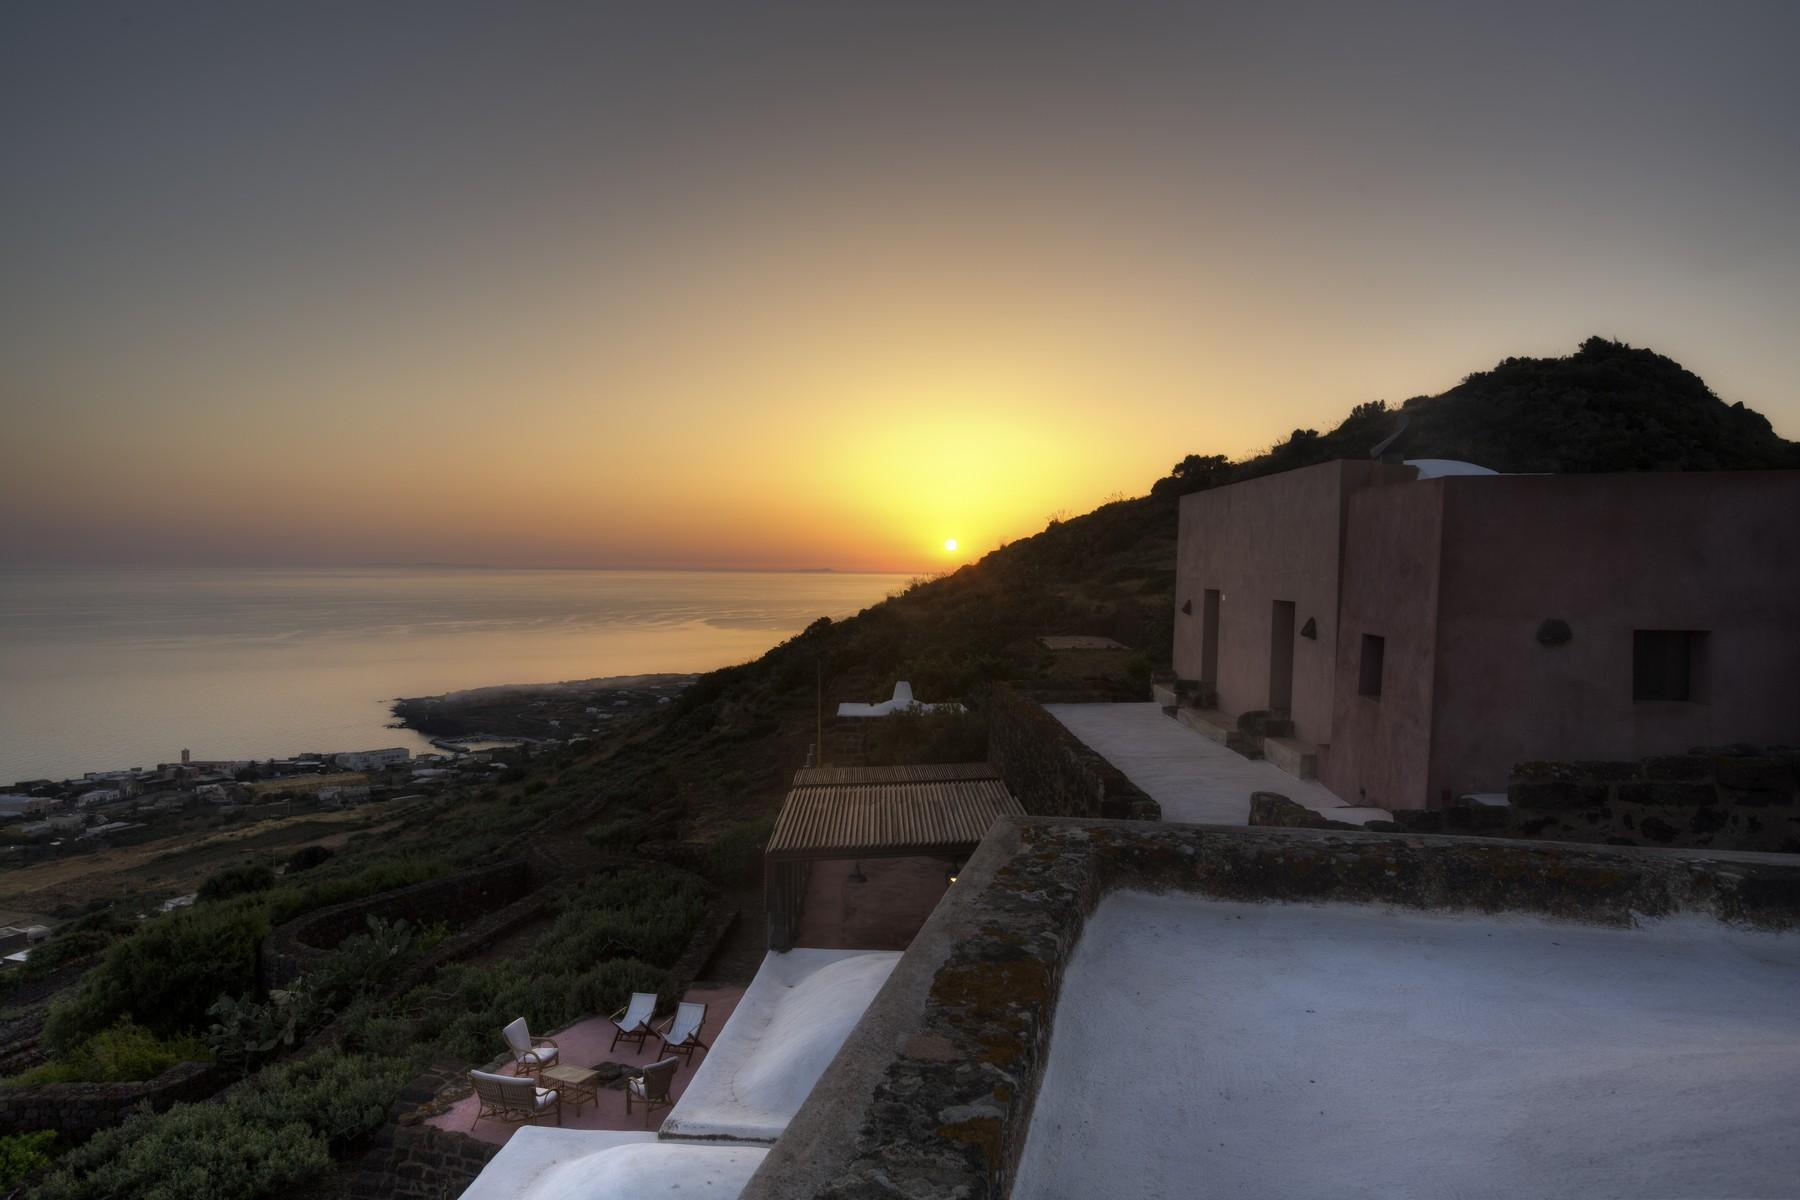 Un paradiso incontaminato nell'esclusiva isola di Pantelleria - 20